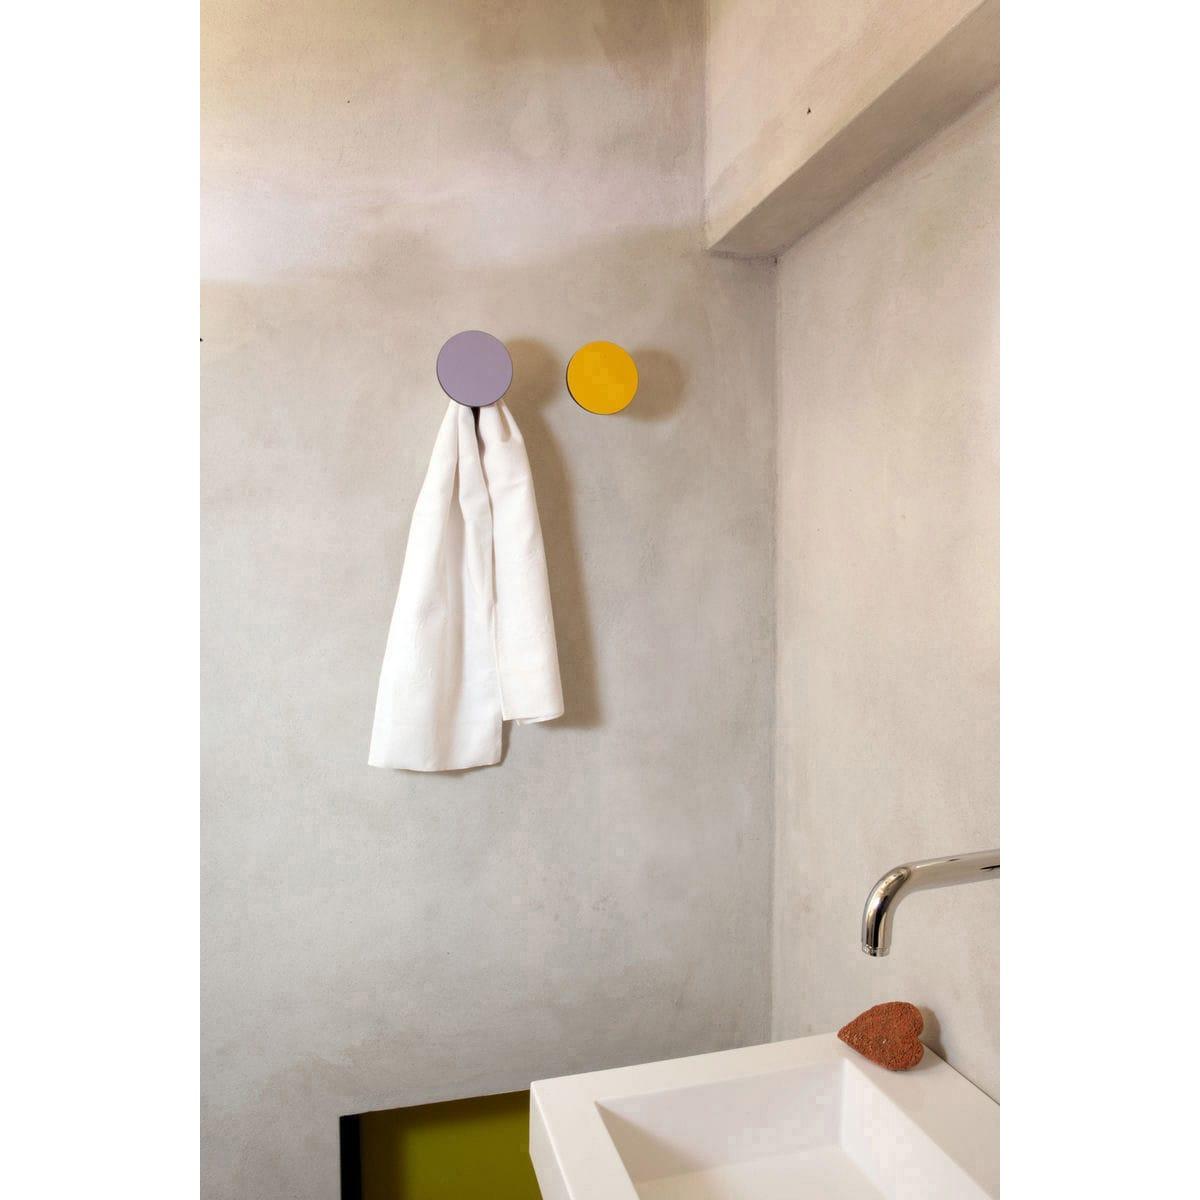 Serie Appendiabiti a forma circolare della collezione Art-Up con pomello in acciaio inox e appendiabiti HPL vari colori